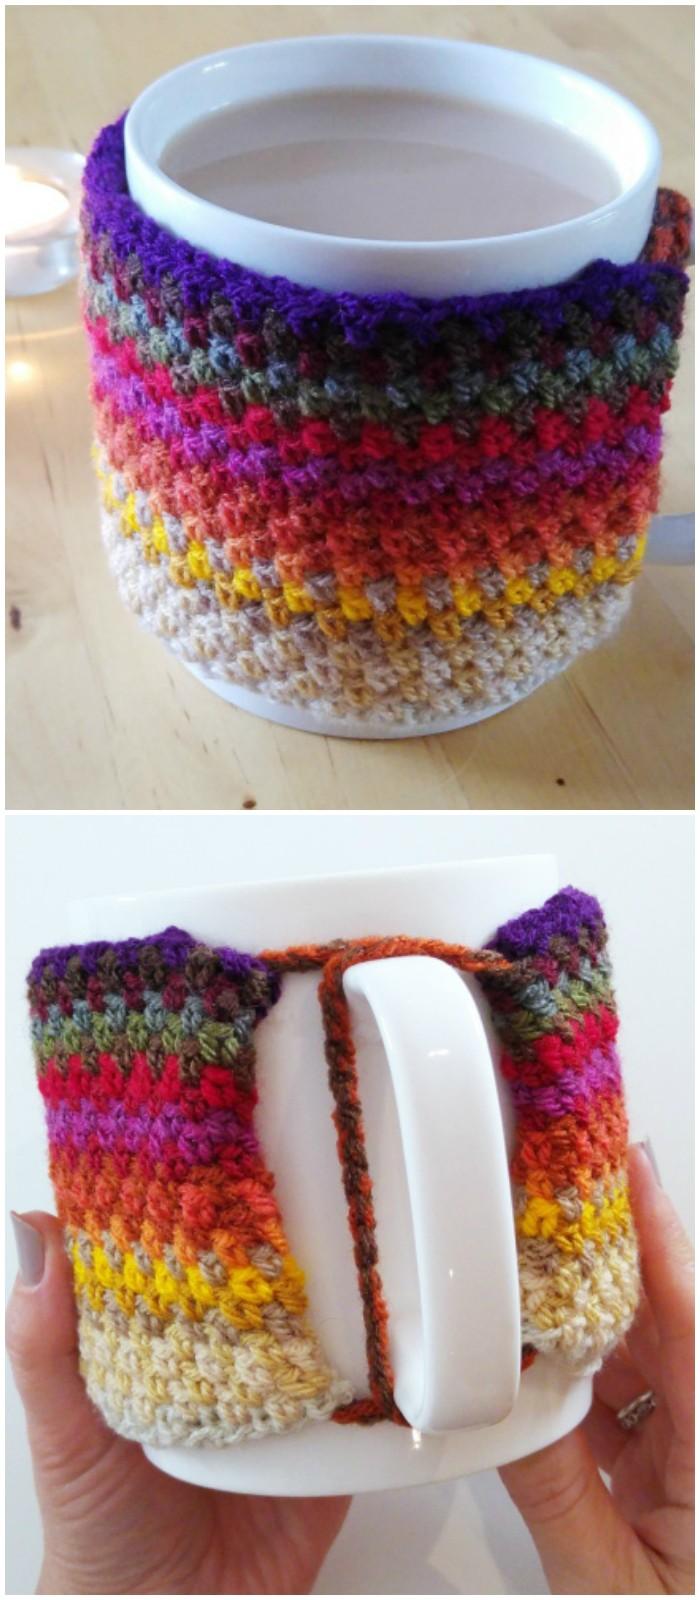 Ombré Crochet Free Pattern - crochet cozy